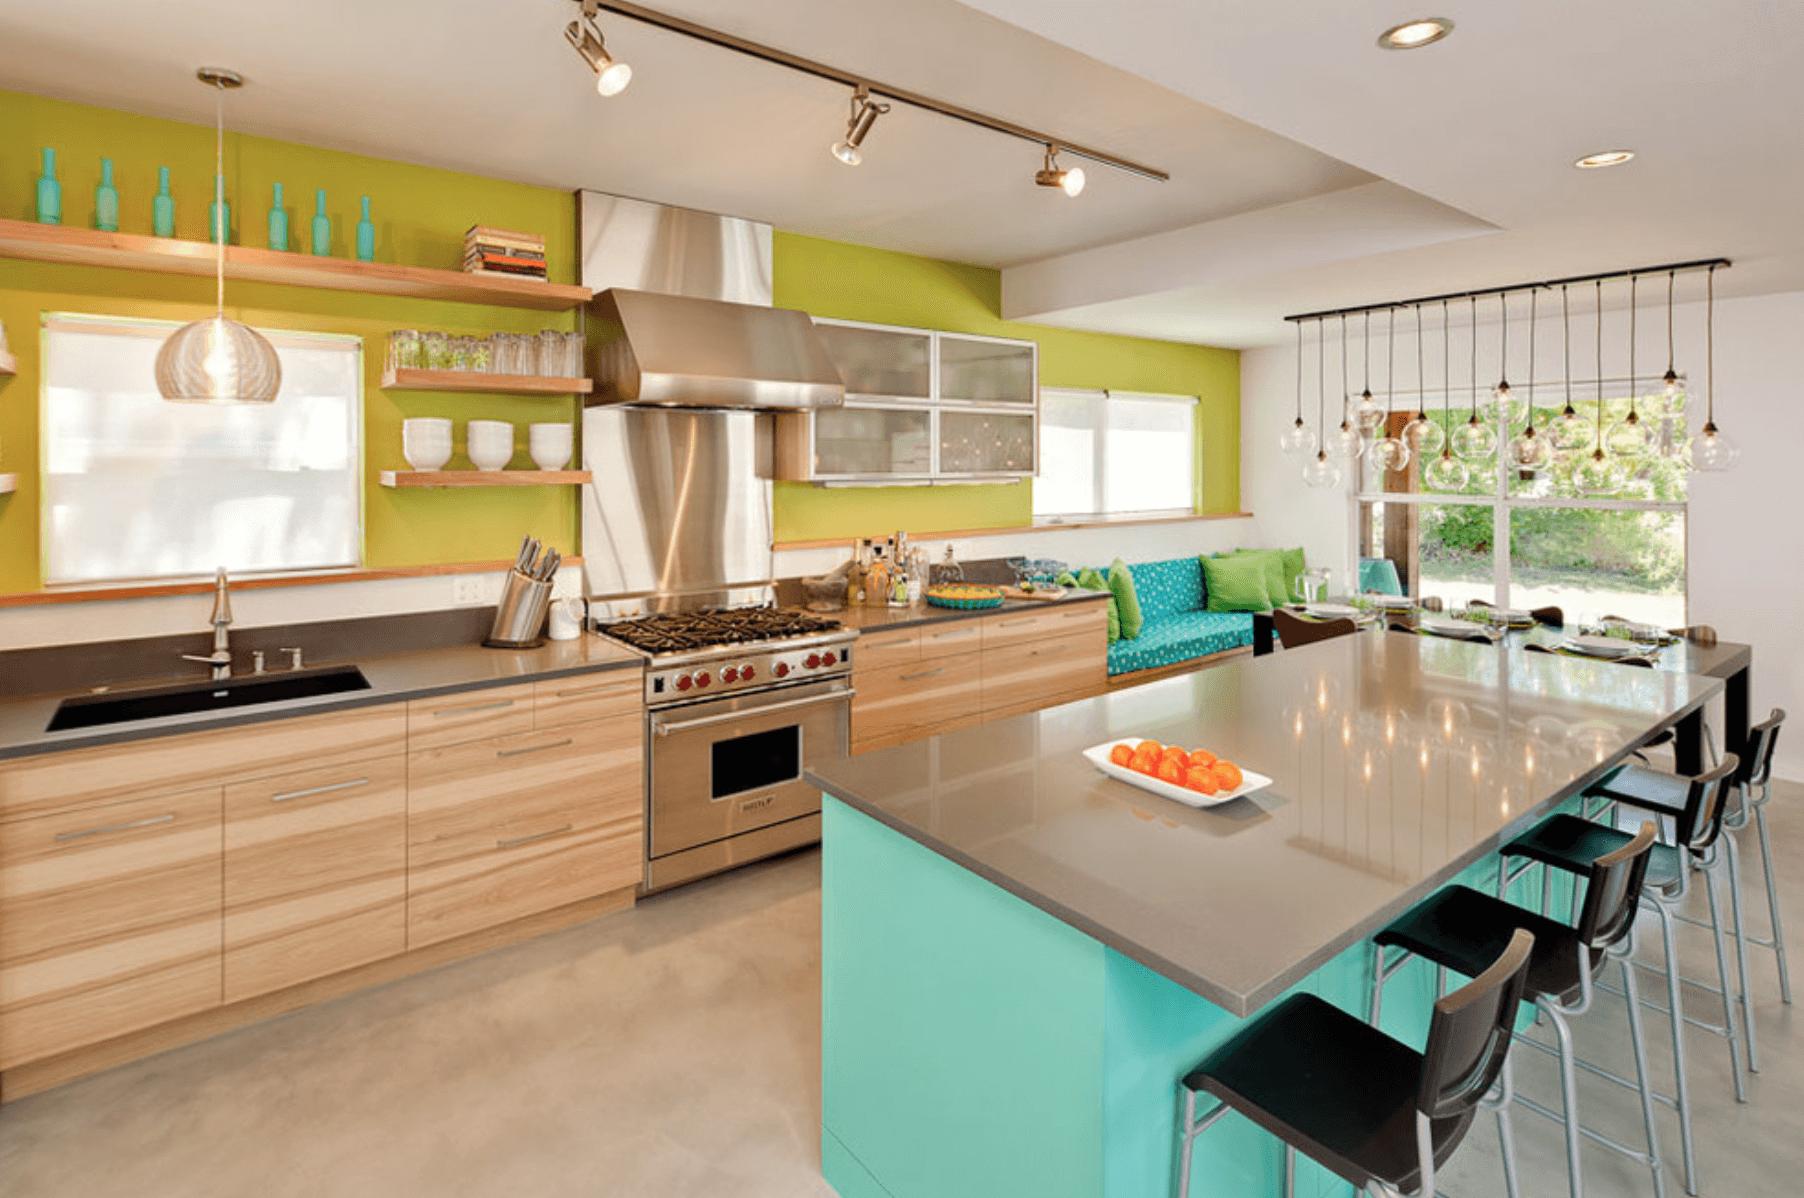 Дизайн кухни с сочетанием различных цветов. Фото 4